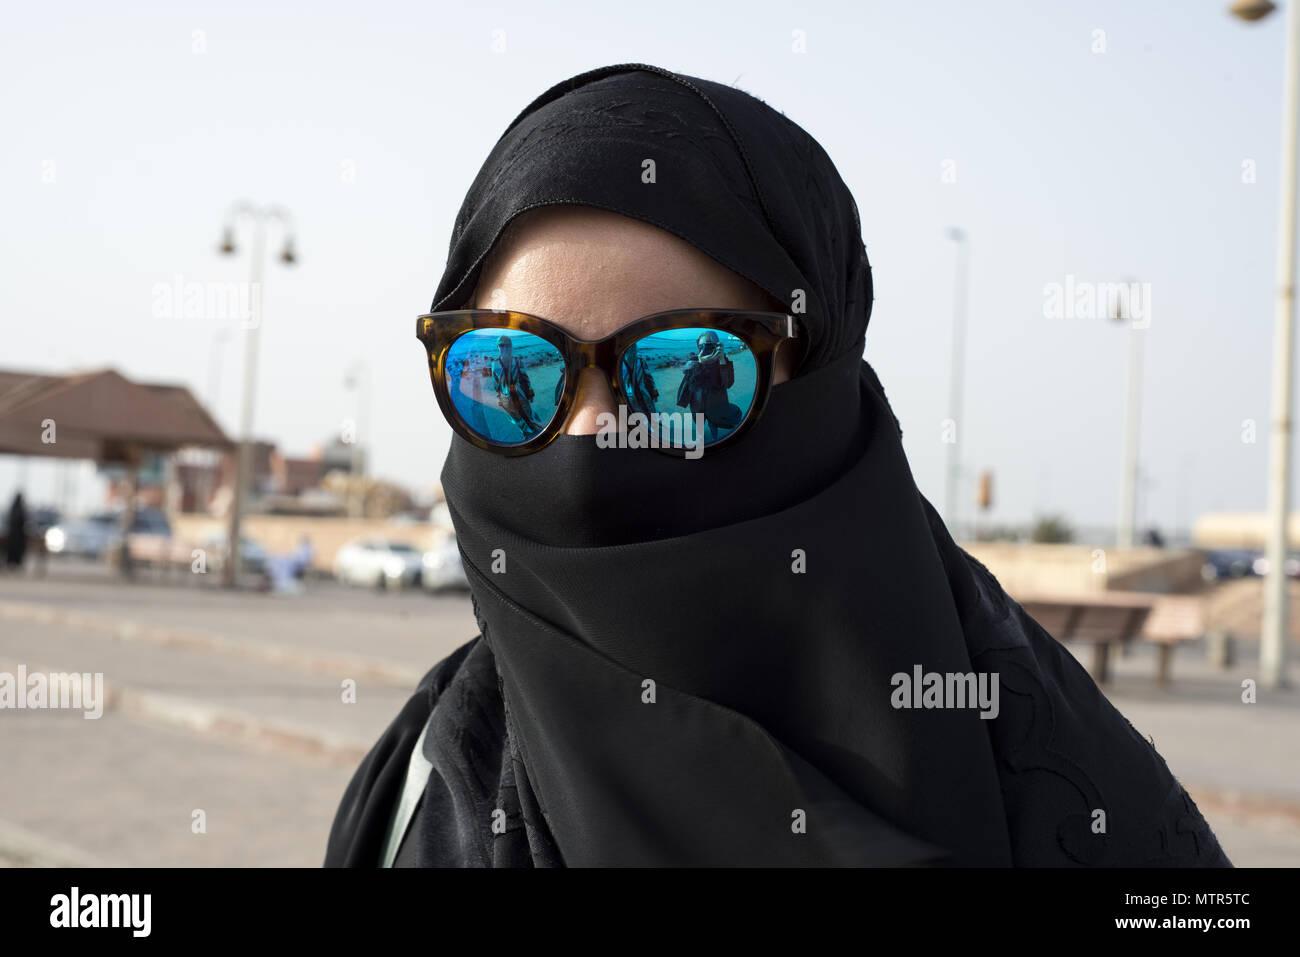 La mujer saudita vistiendo una abaya negra y hiyab protege sus ojos del sol con gafas de sol azul Imagen De Stock